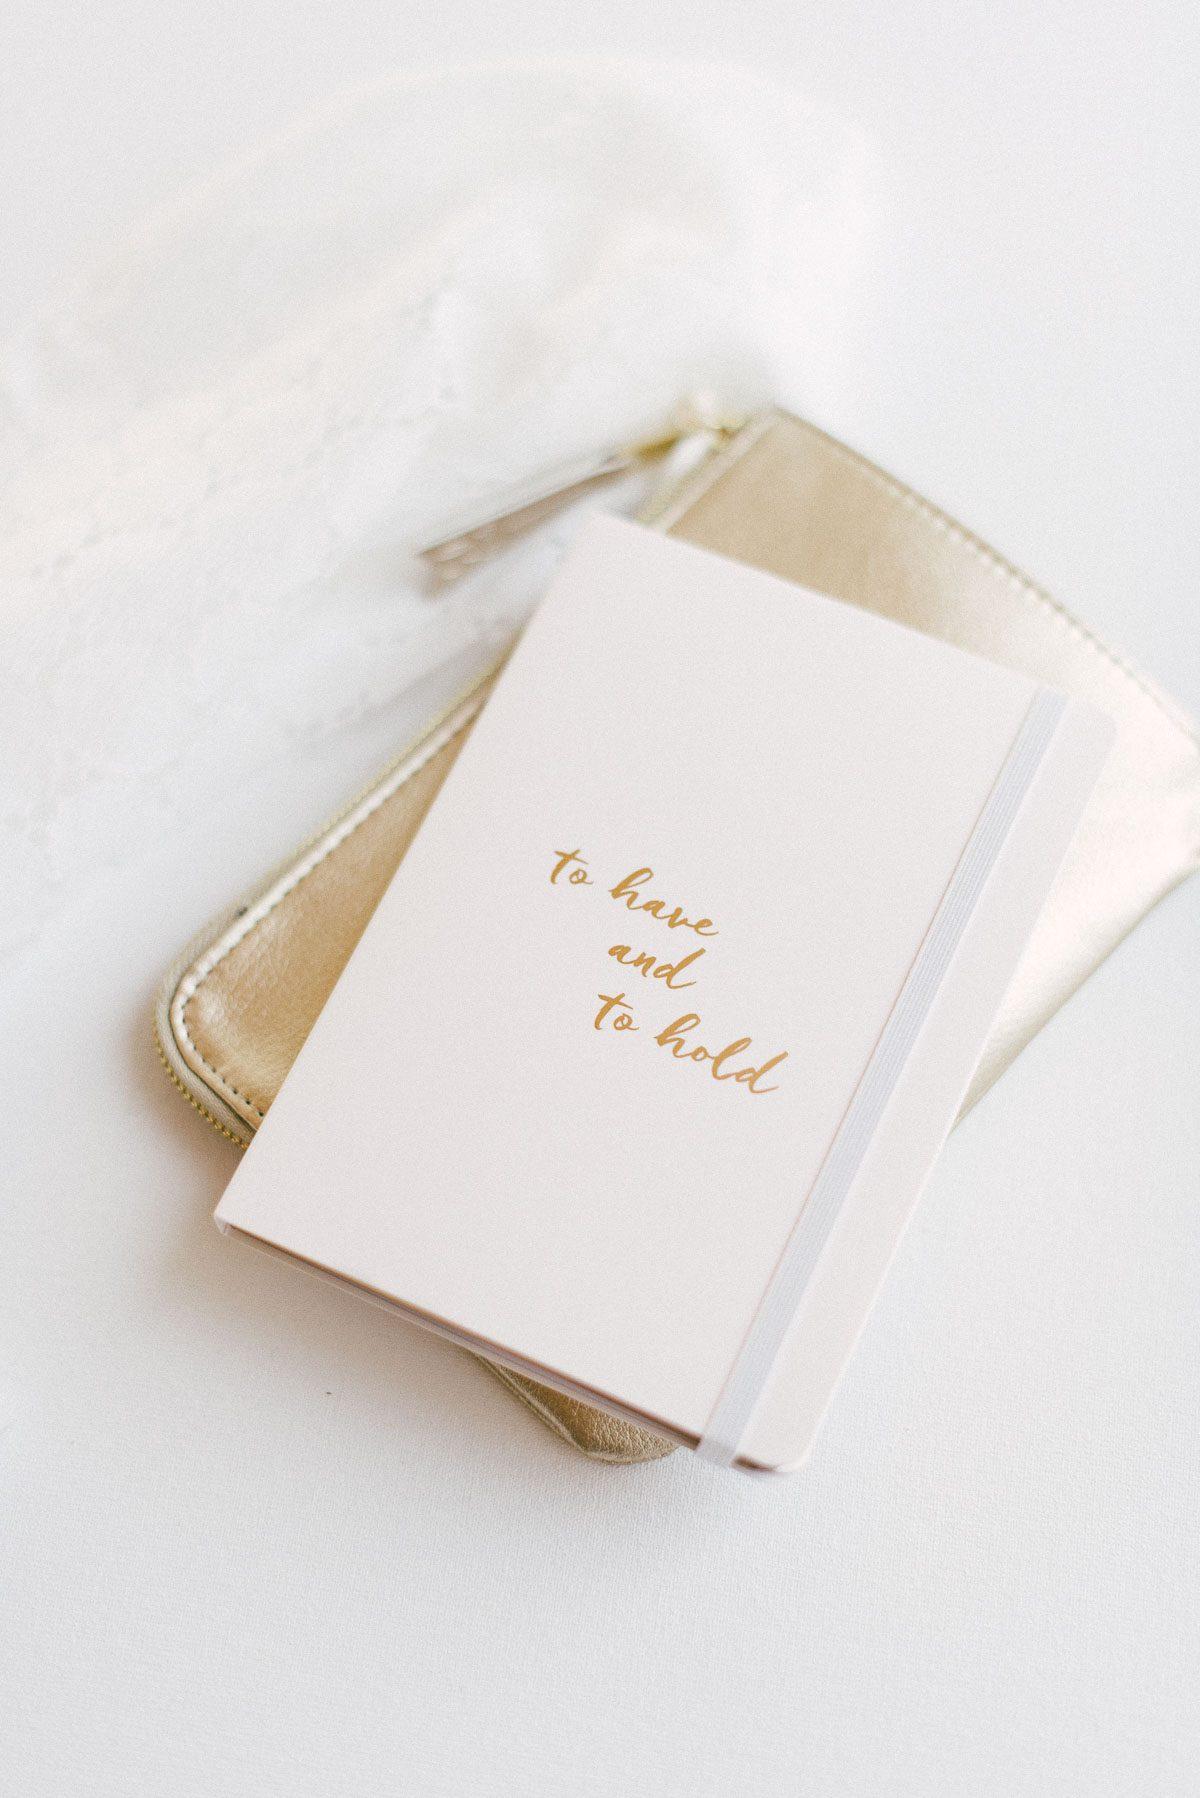 Notizbuch für Verliebte